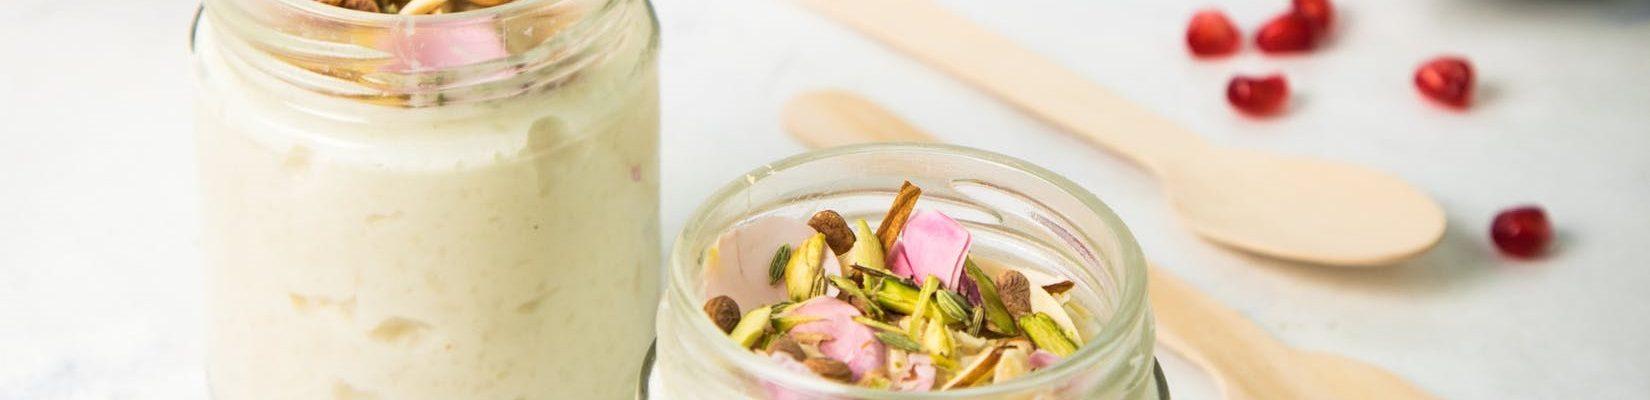 Gotovo za čas: Recept za domaći grčki jogurt od samo dva sastojka